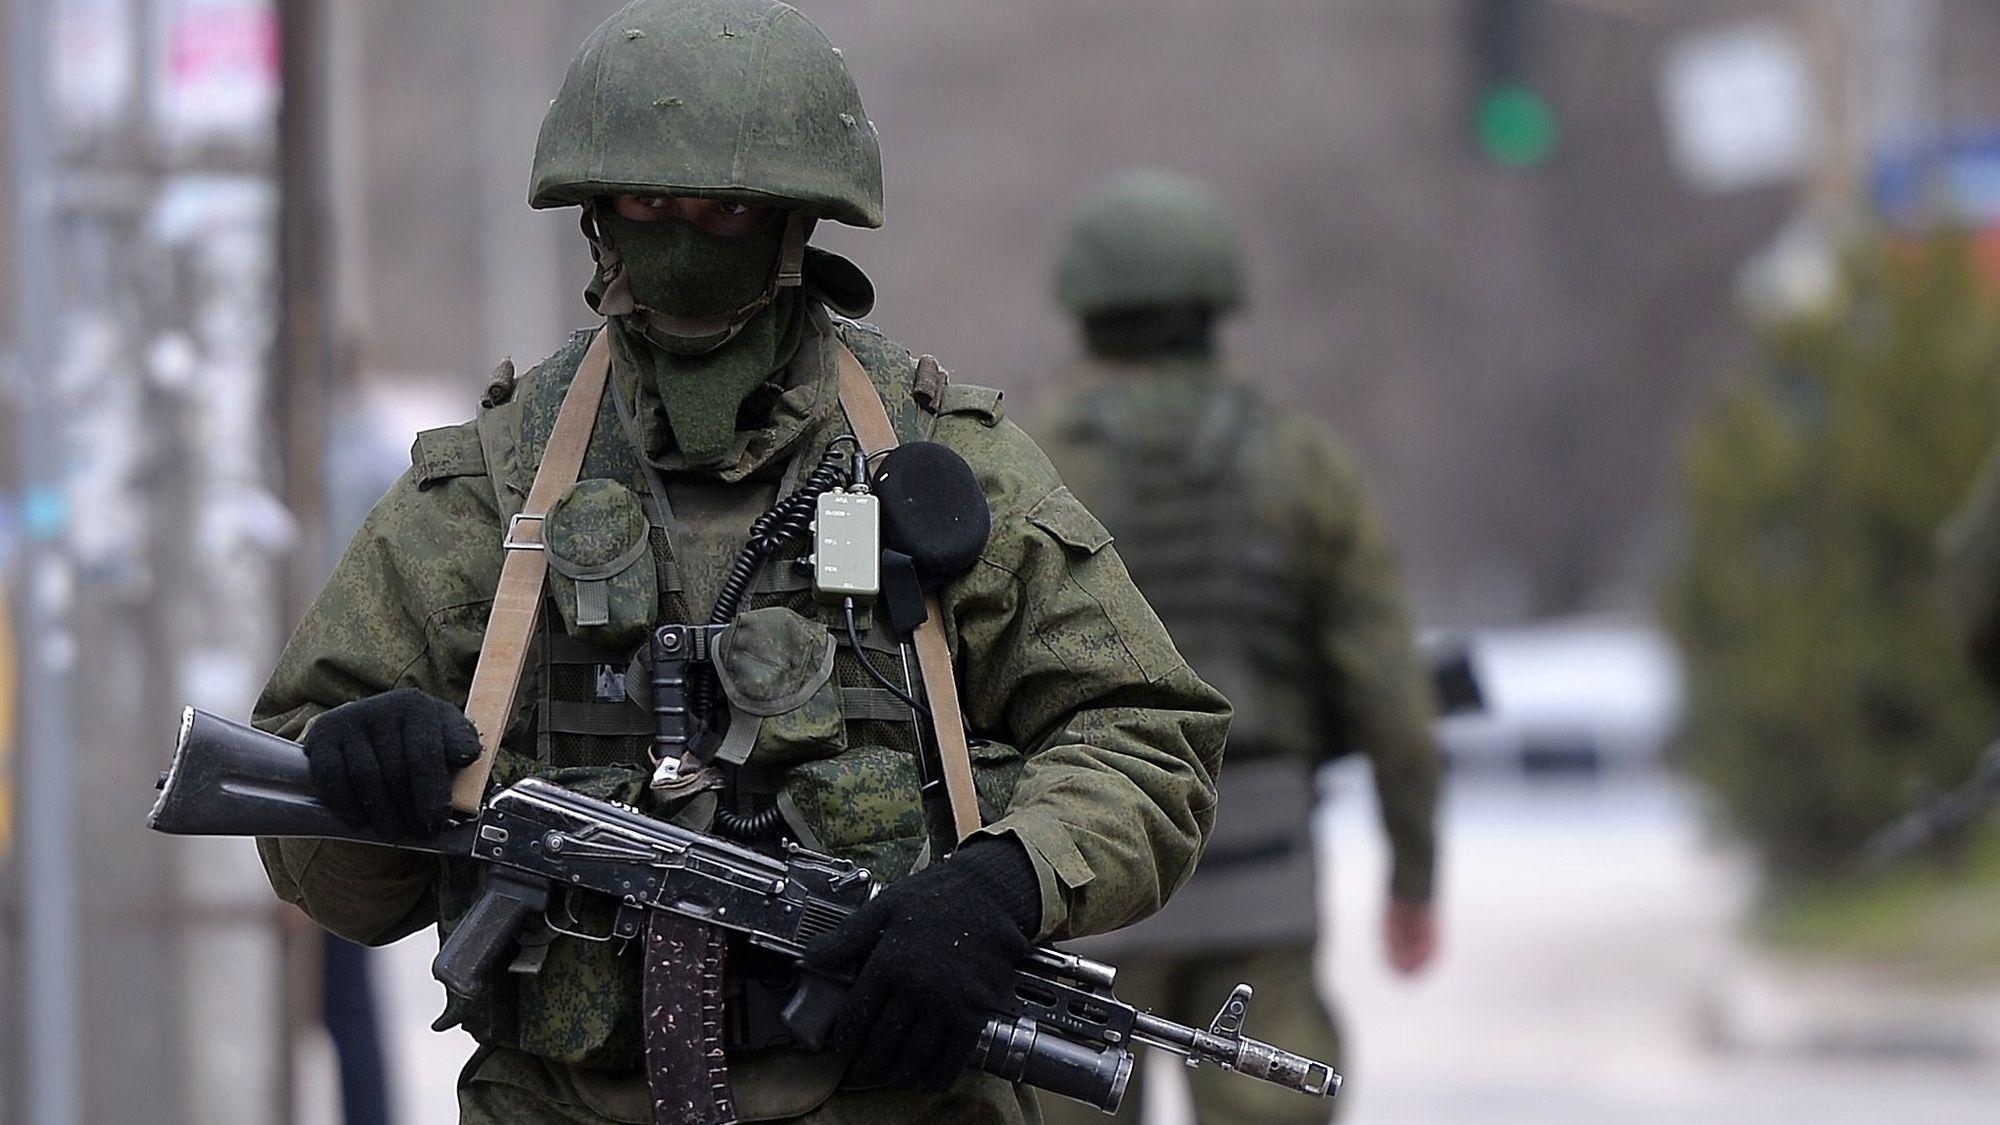 من هي الدولة الأوروبية التي هددتها موسكو بالنووي.. ولماذا؟